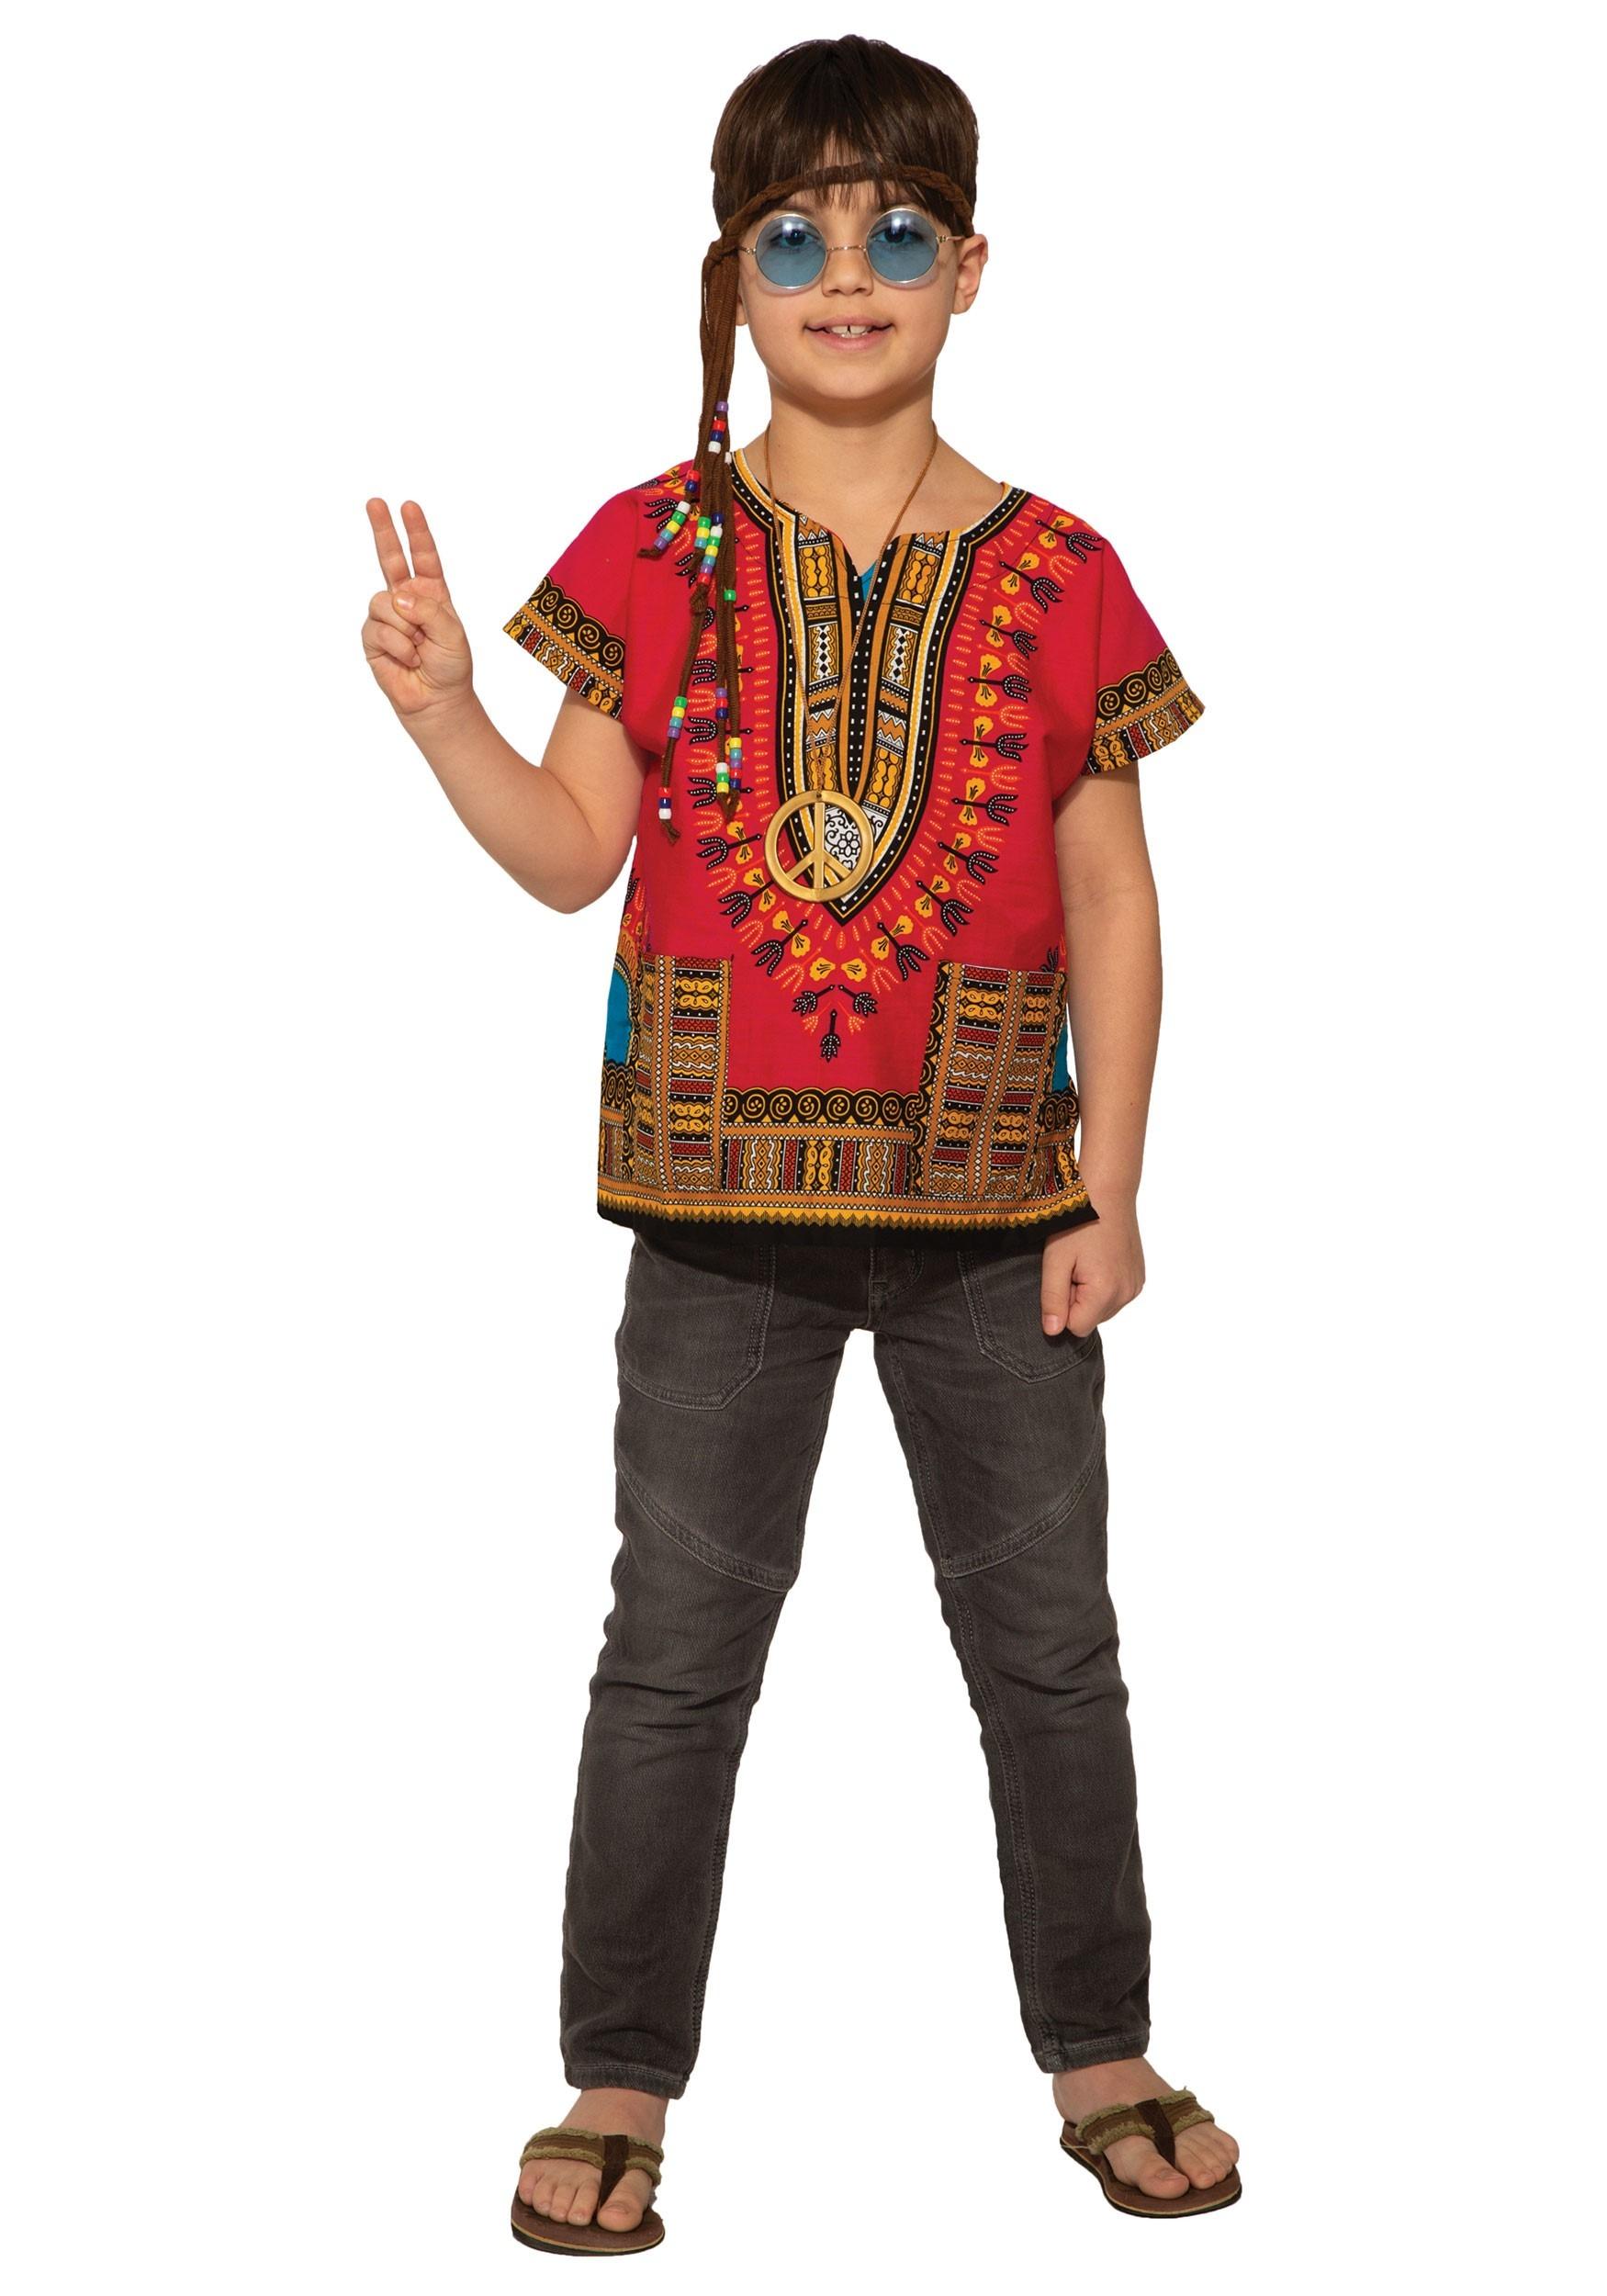 Red Dashiki Shirt Kid's Costume